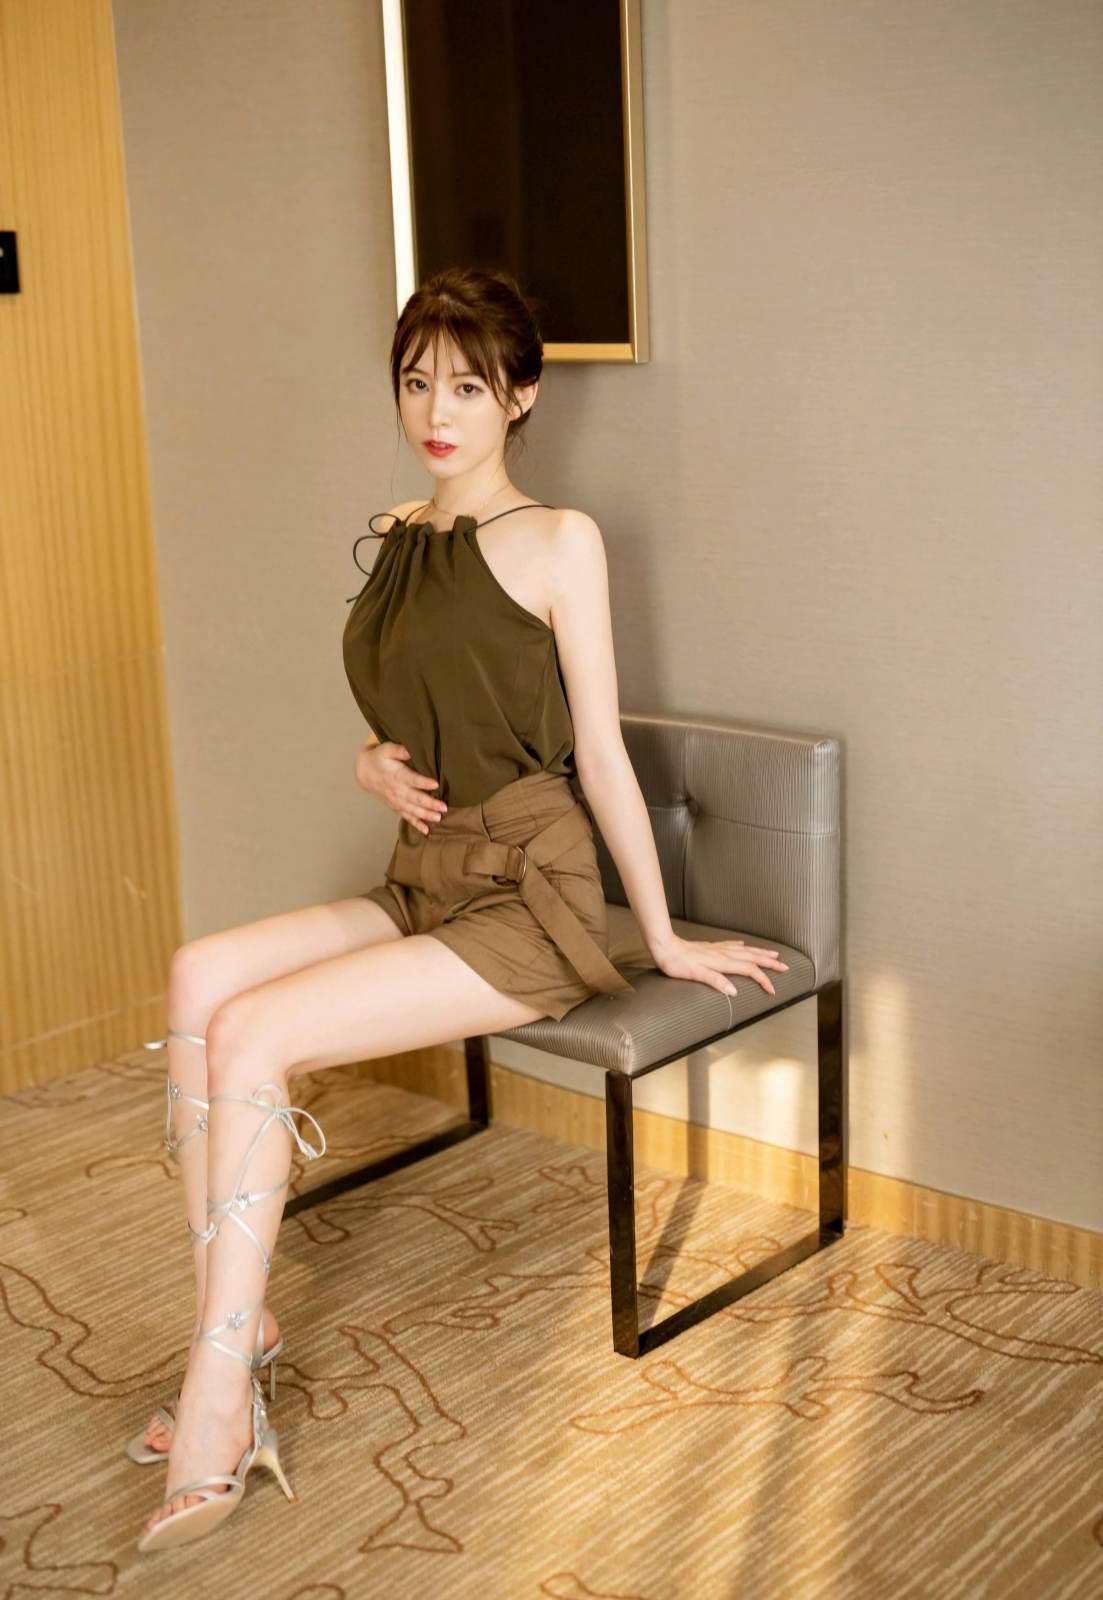 第358期天生尤物优优(仙女颜值,高跟,内衣秀,大长腿)_图片4